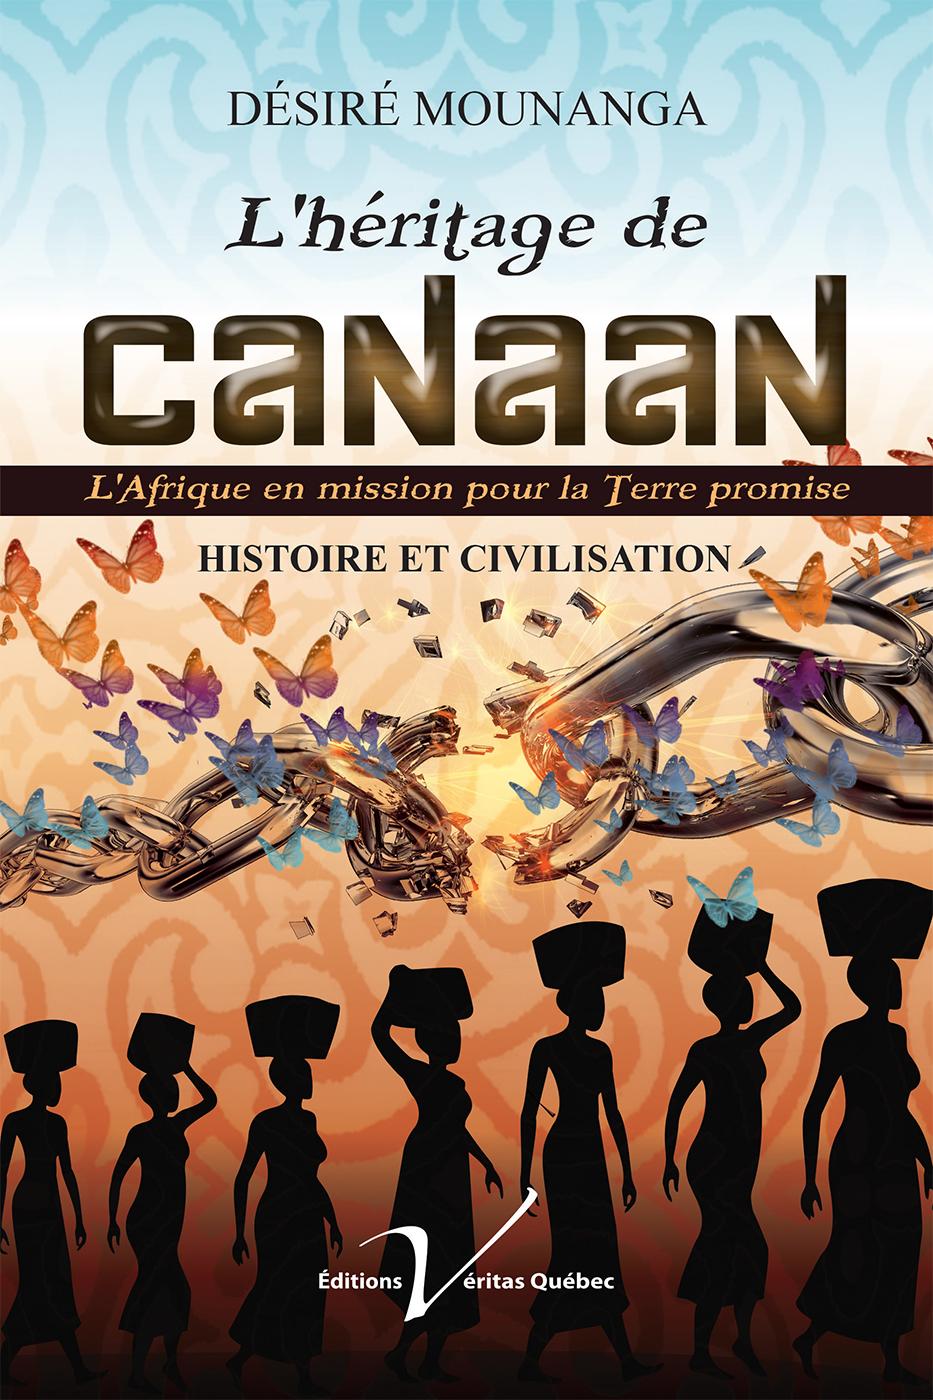 L'héritage de Canaan